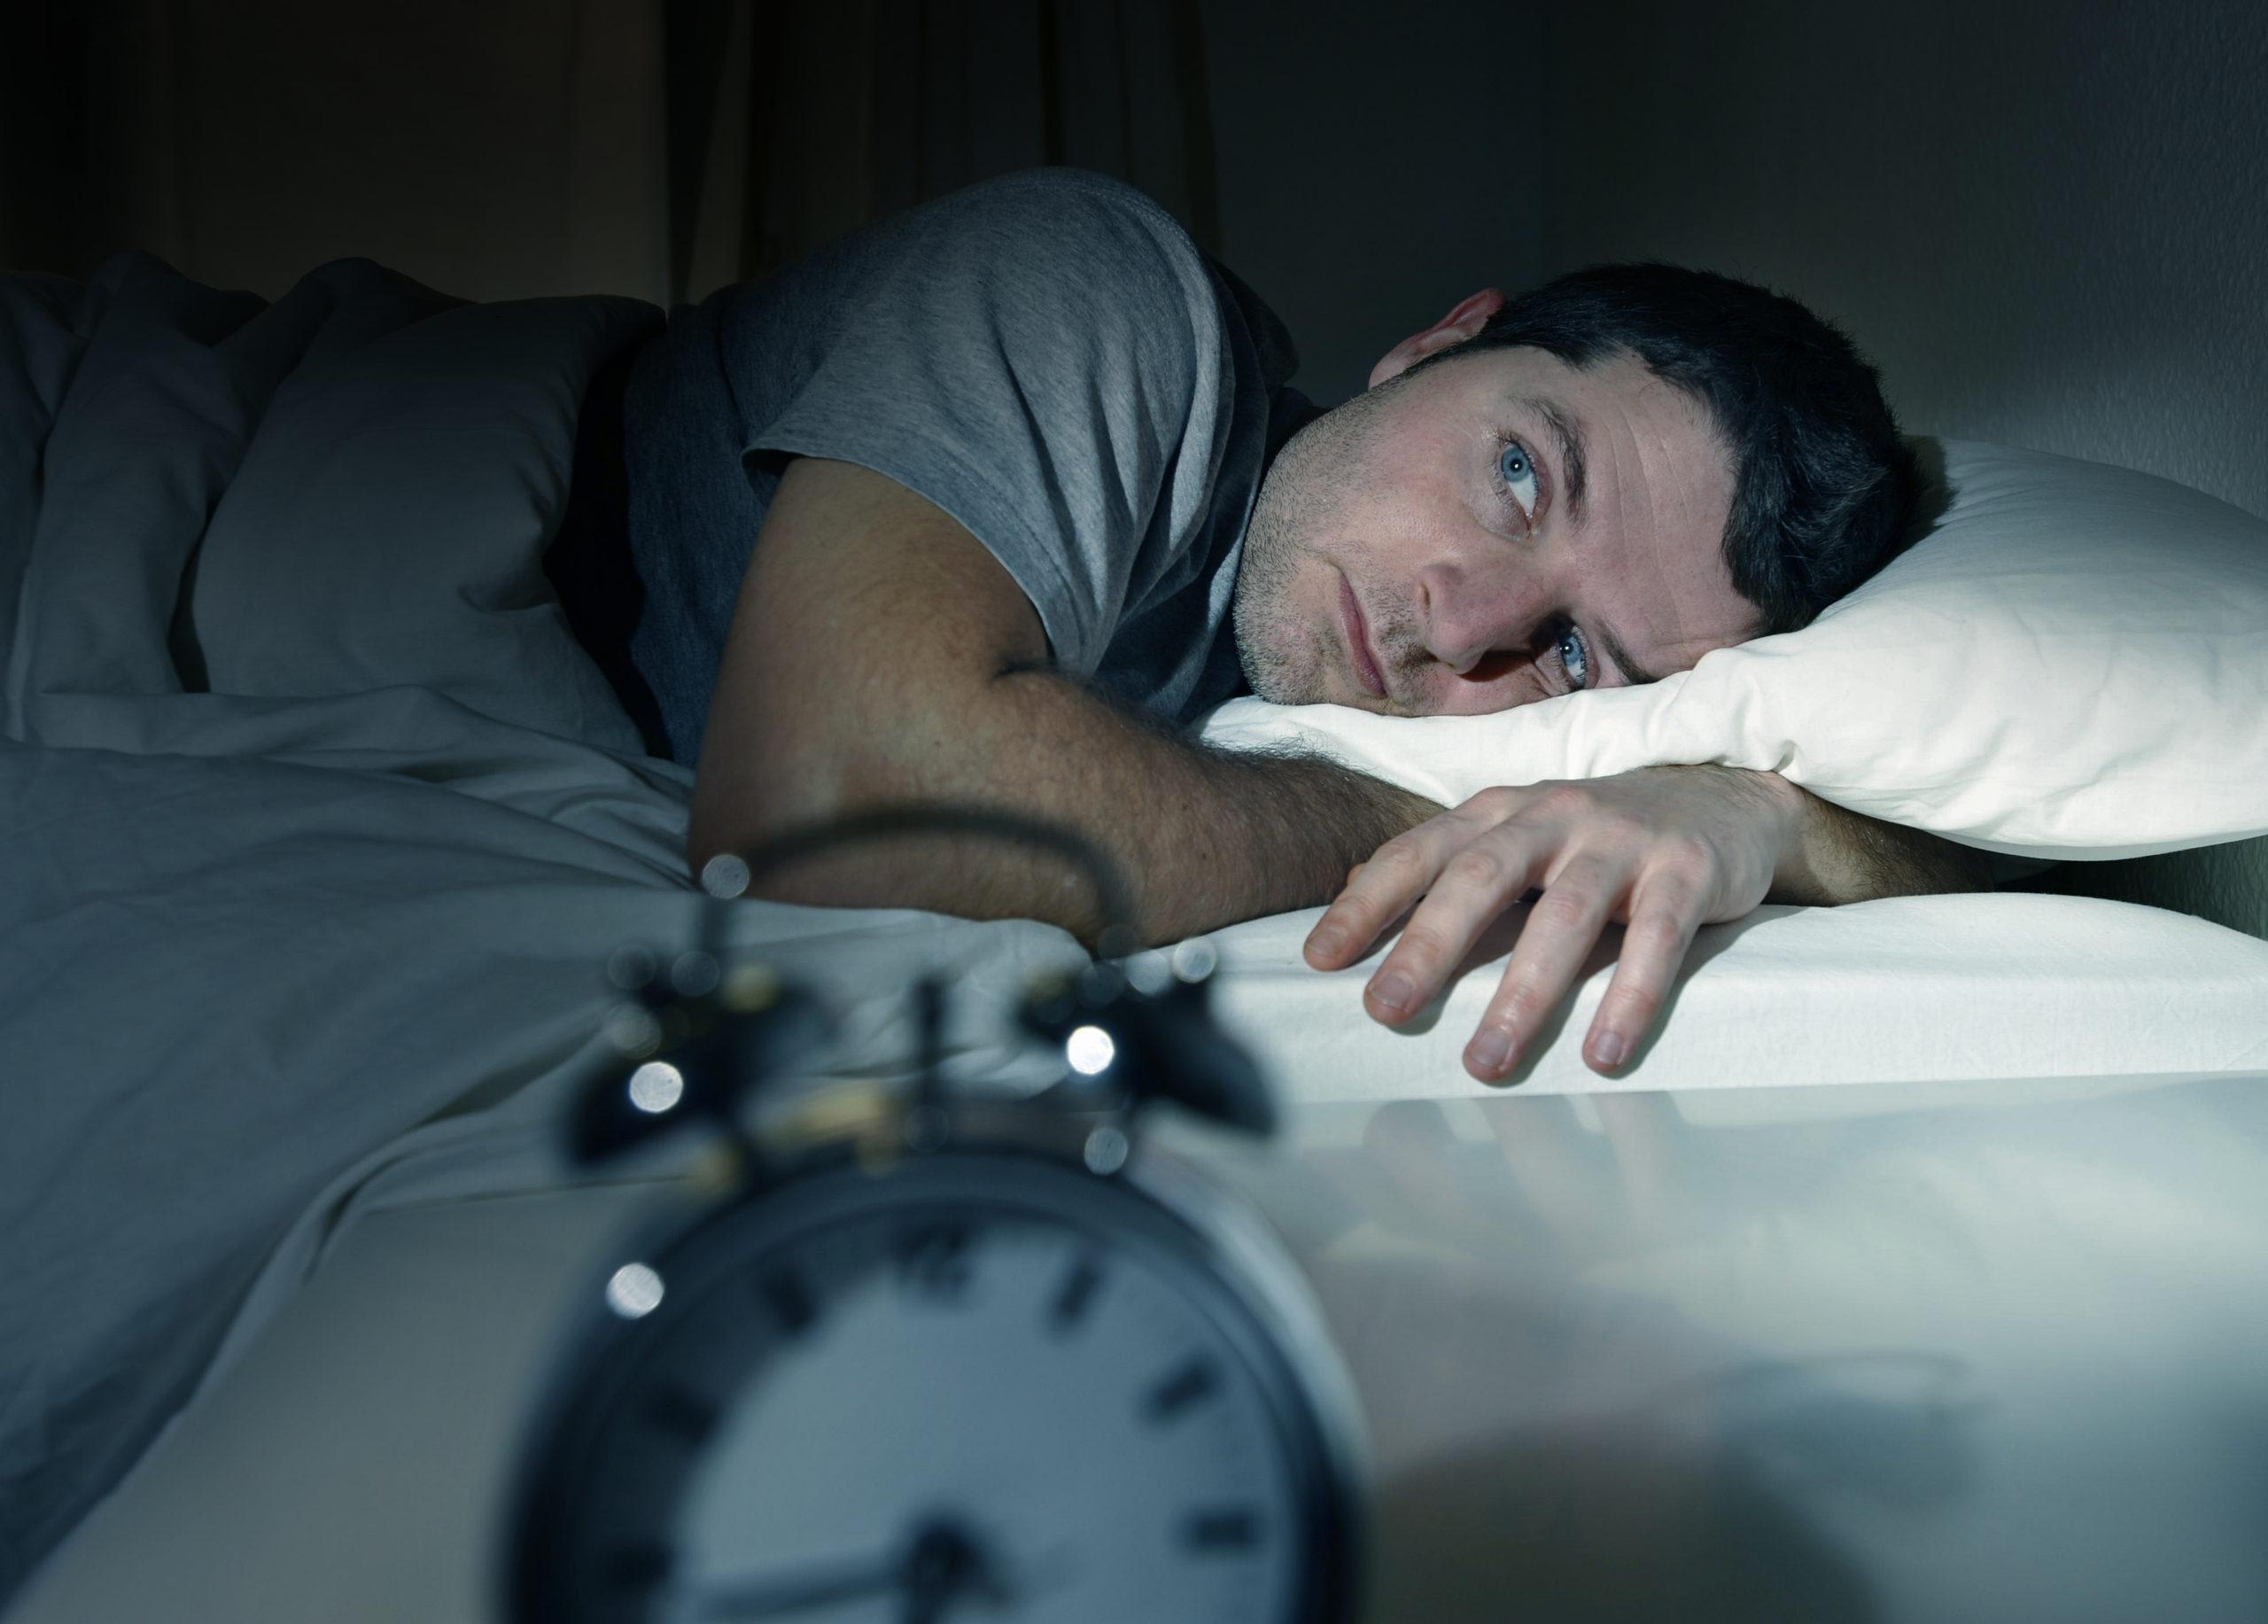 قلة النوم تسبب في ضعف العضلات وتقلل هرمون الذكورة و 8 أمراض أخرى